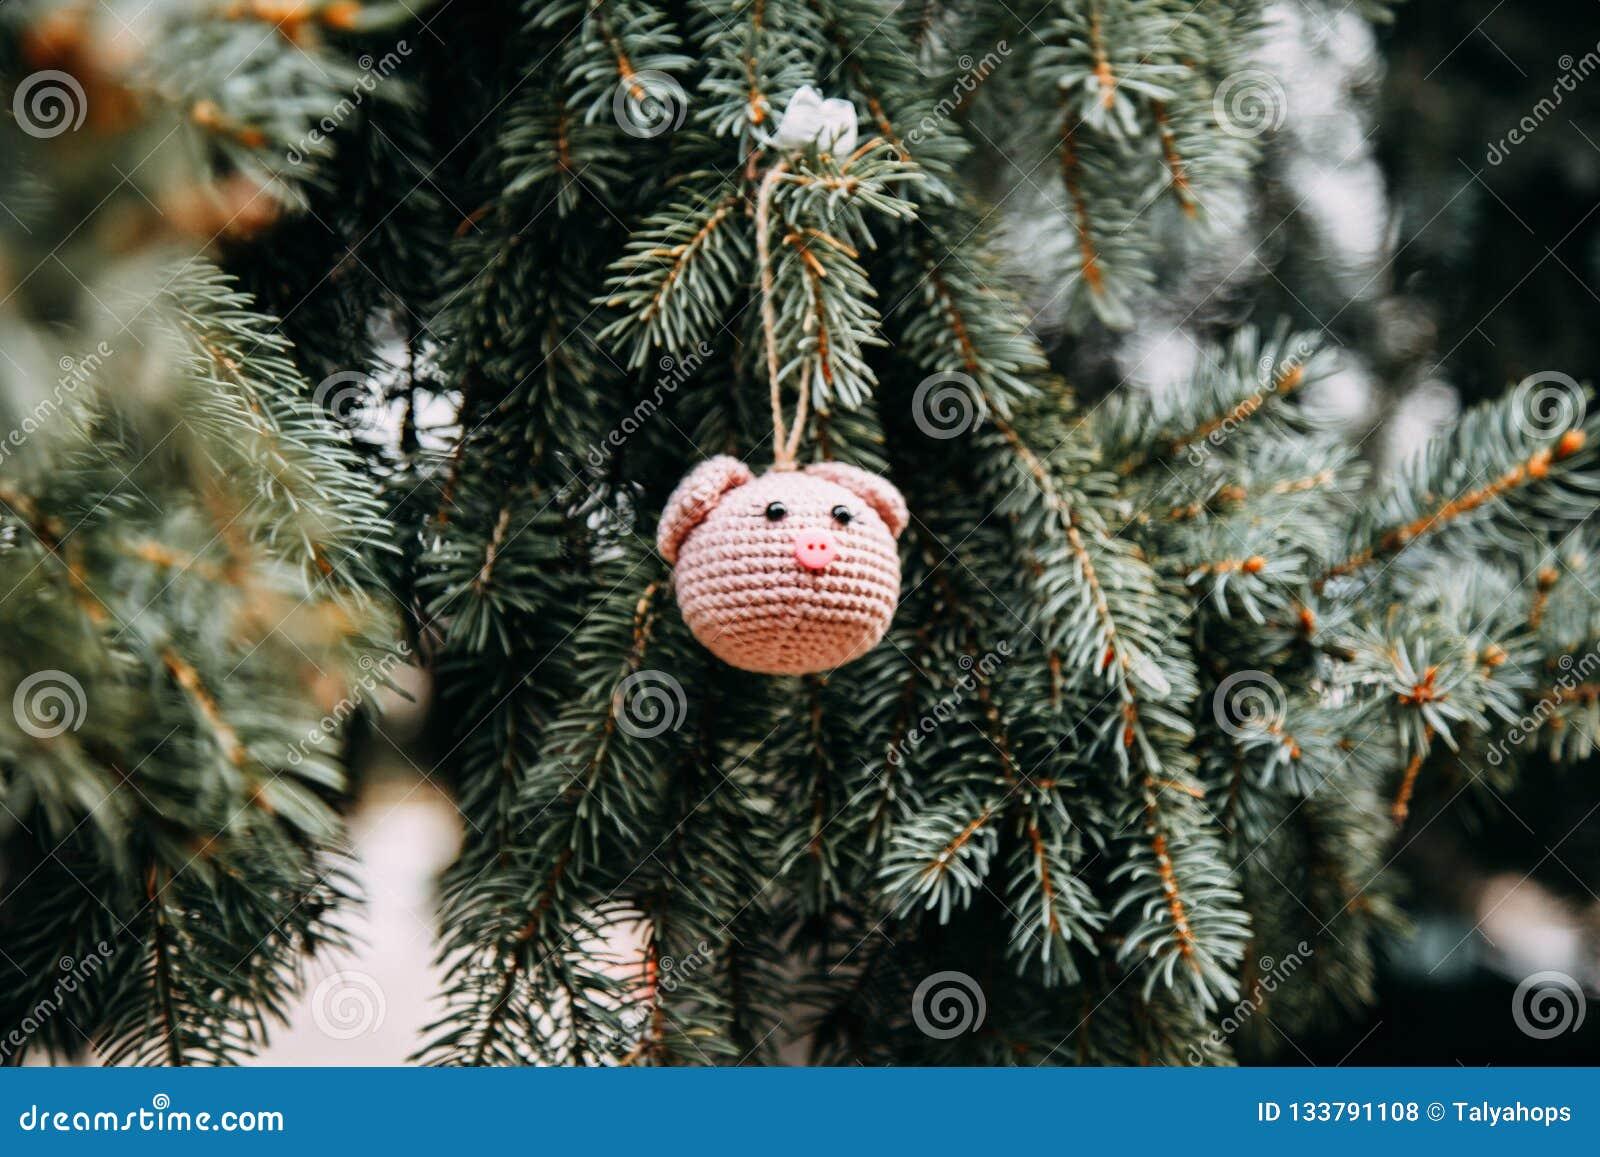 Lavori Alluncinetto La Testa Rosa Del Maiale Sullalbero Di Natale